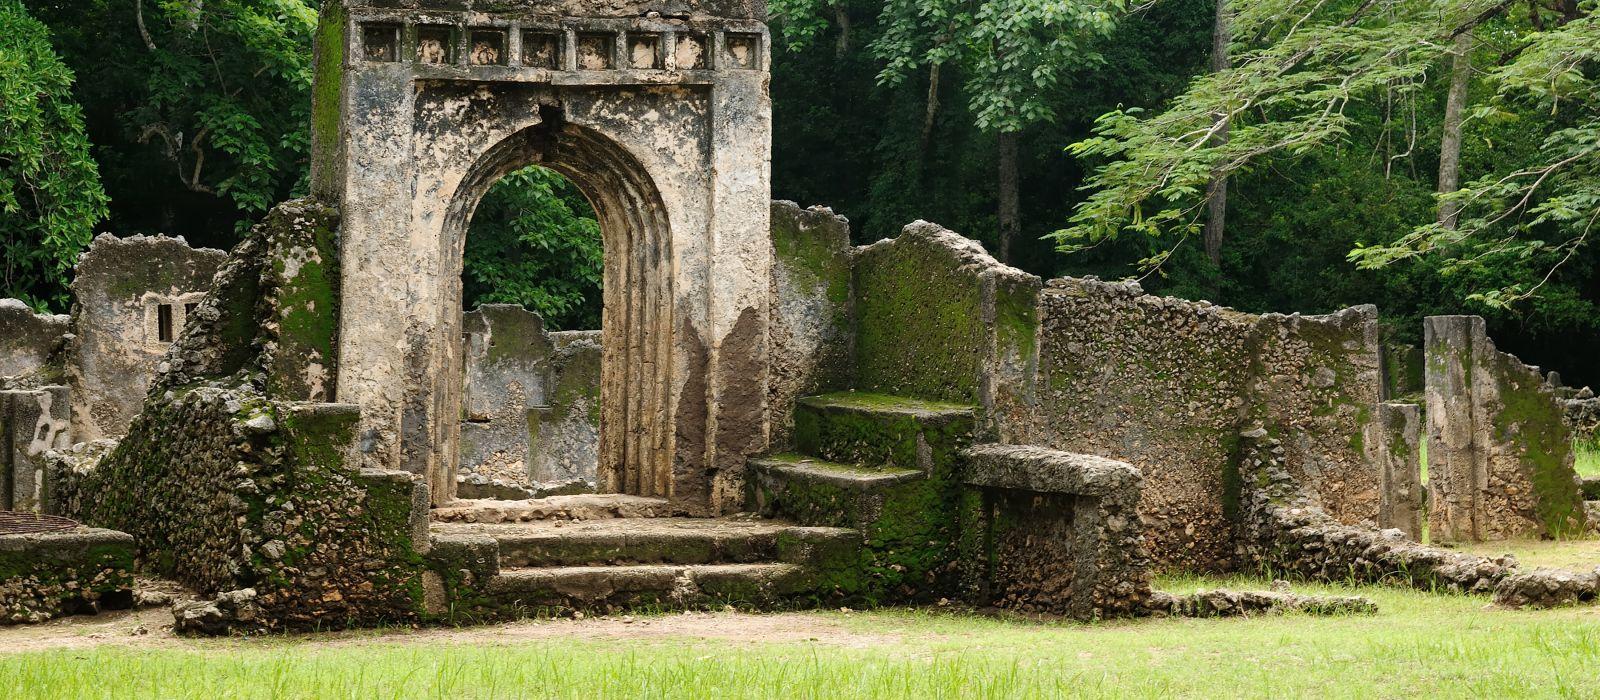 Kenia, Gede-Ruinen, Überreste einer Swahili-Stadt in Gedi, einem Dorf nahe der Küstenstadt Malindi.